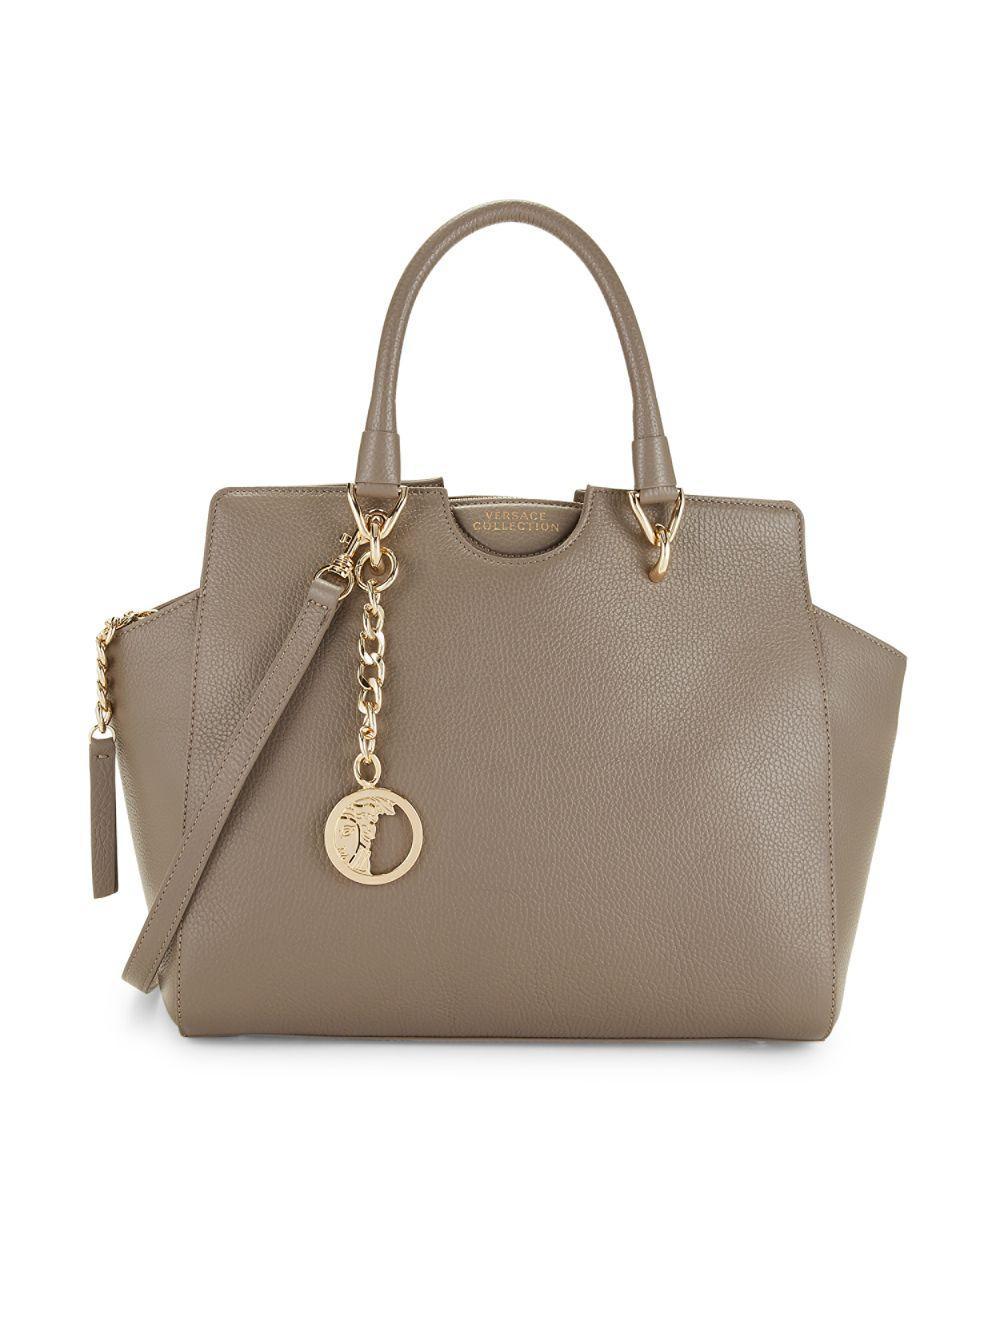 b0280d51187d Versace. Women s Classic Leather Satchel